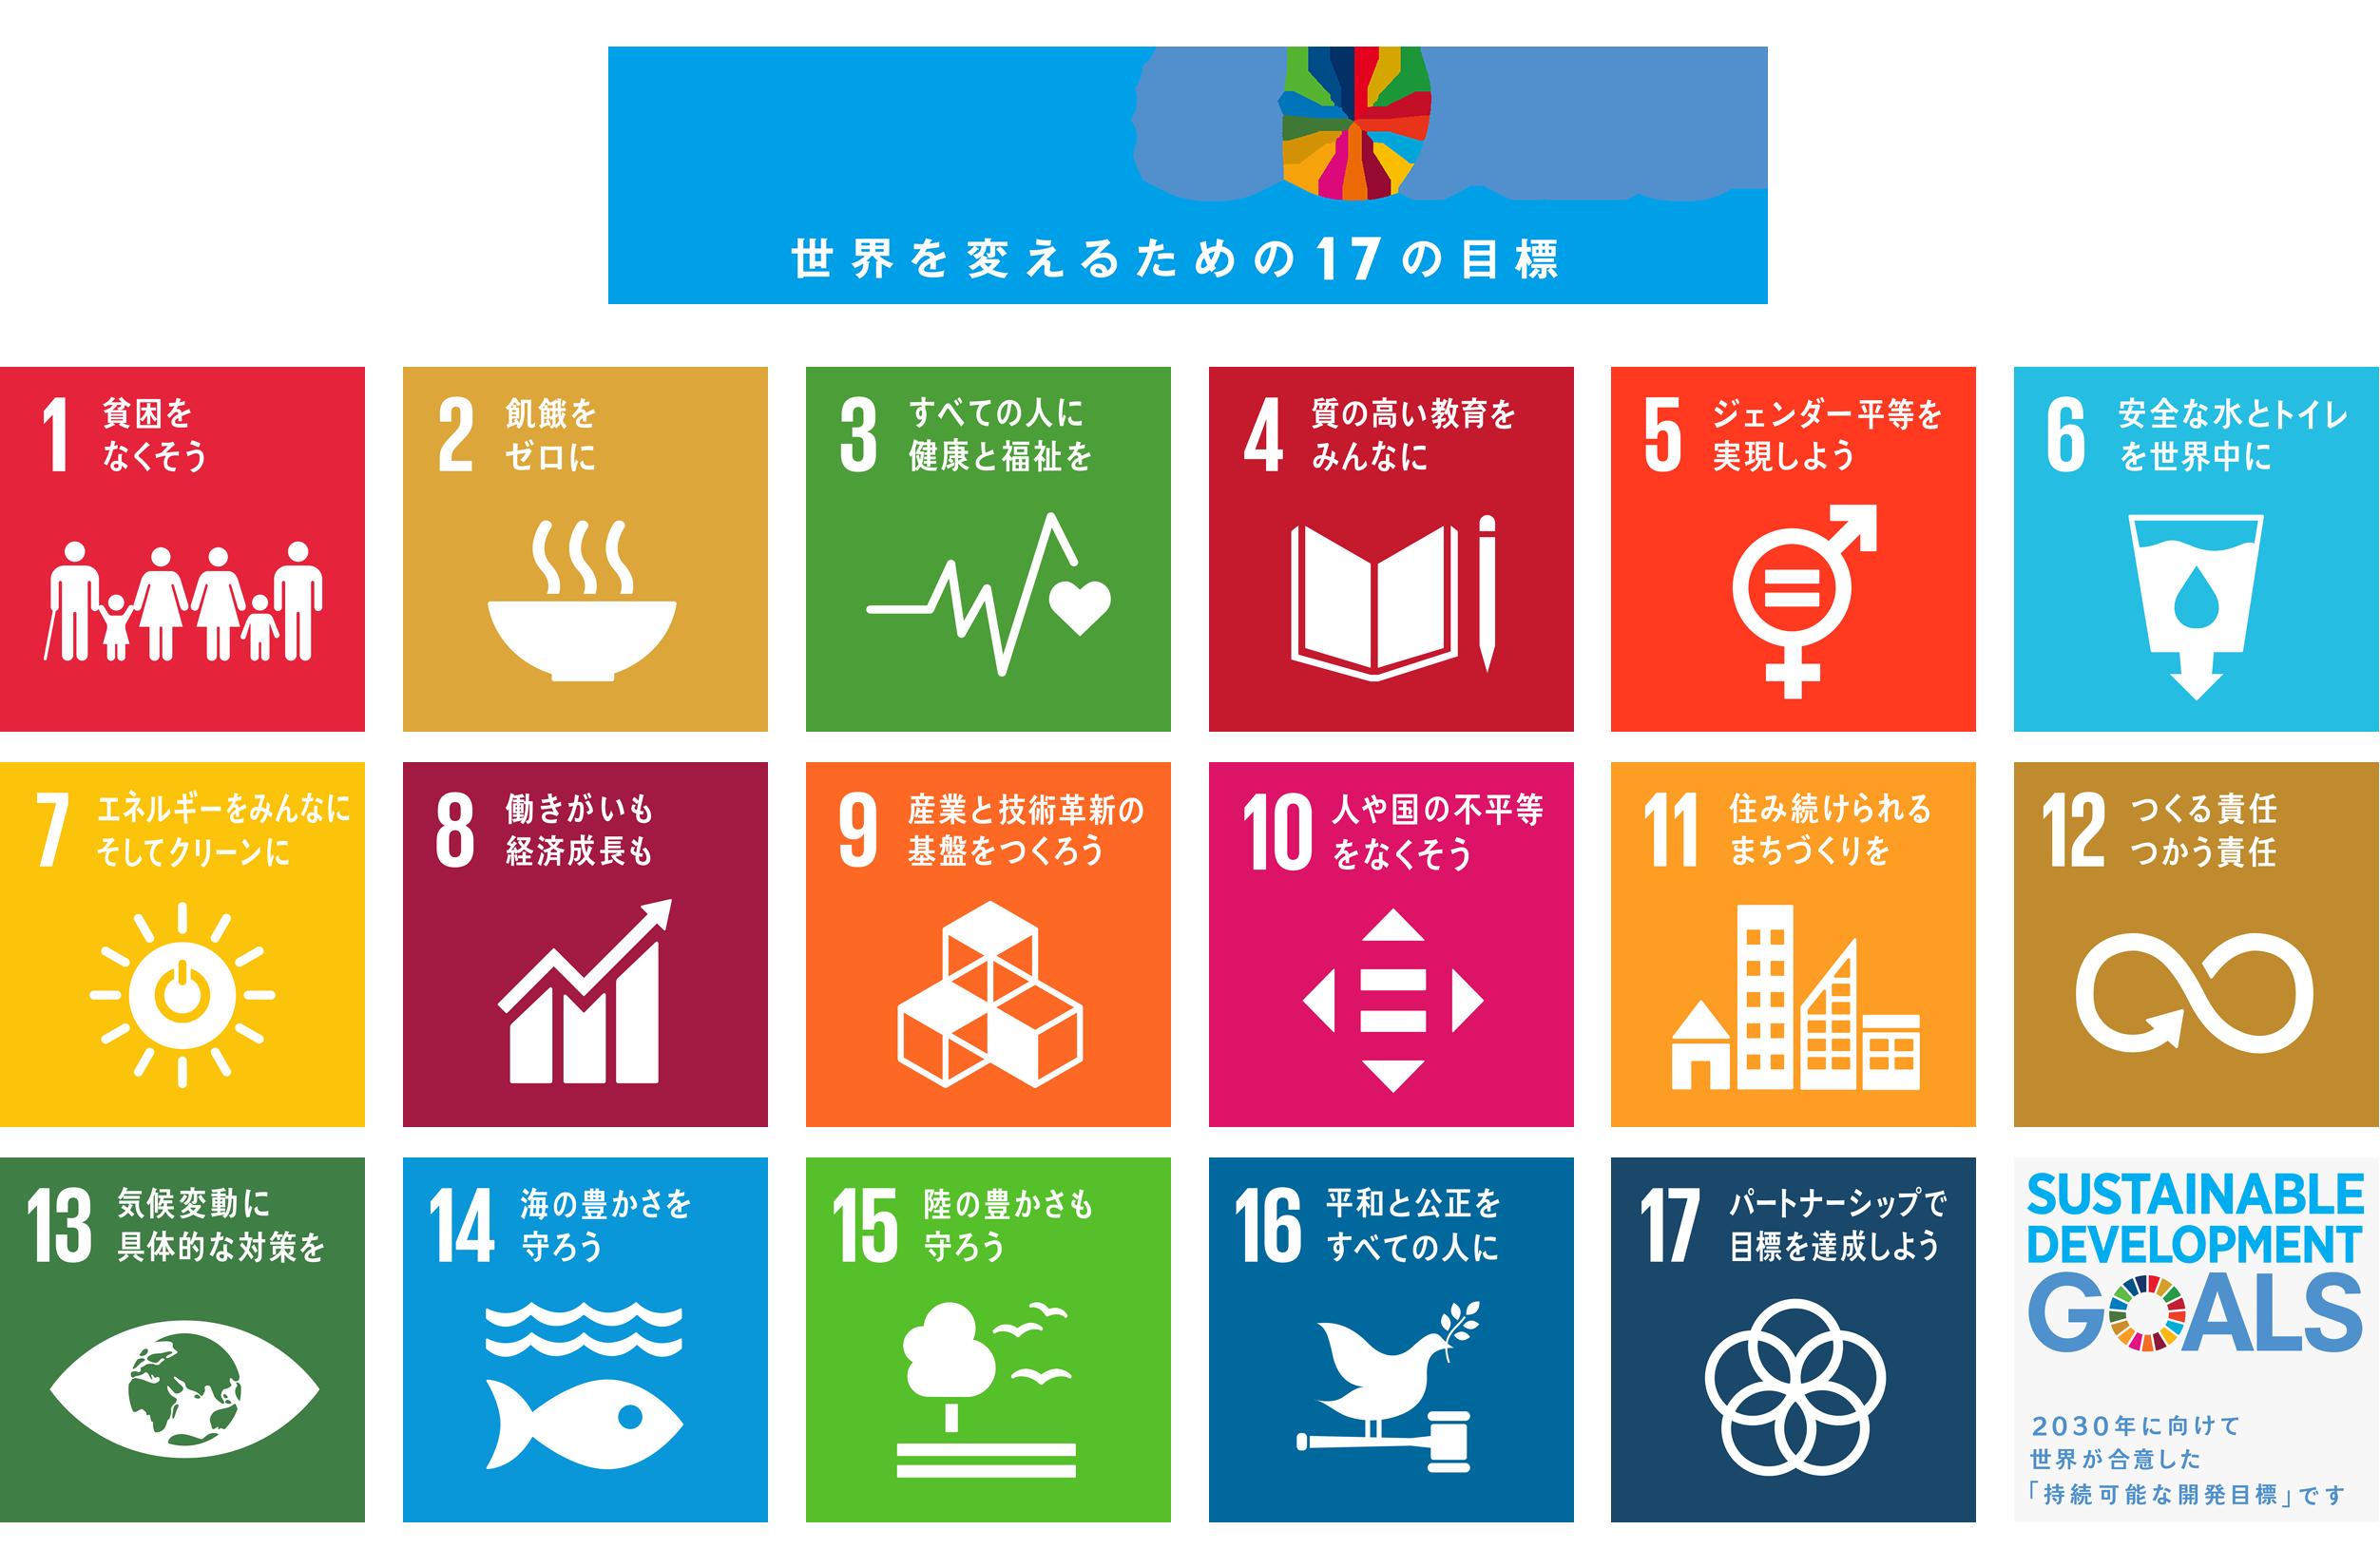 世界を変えるための17の目標、17のSDGsアイコン